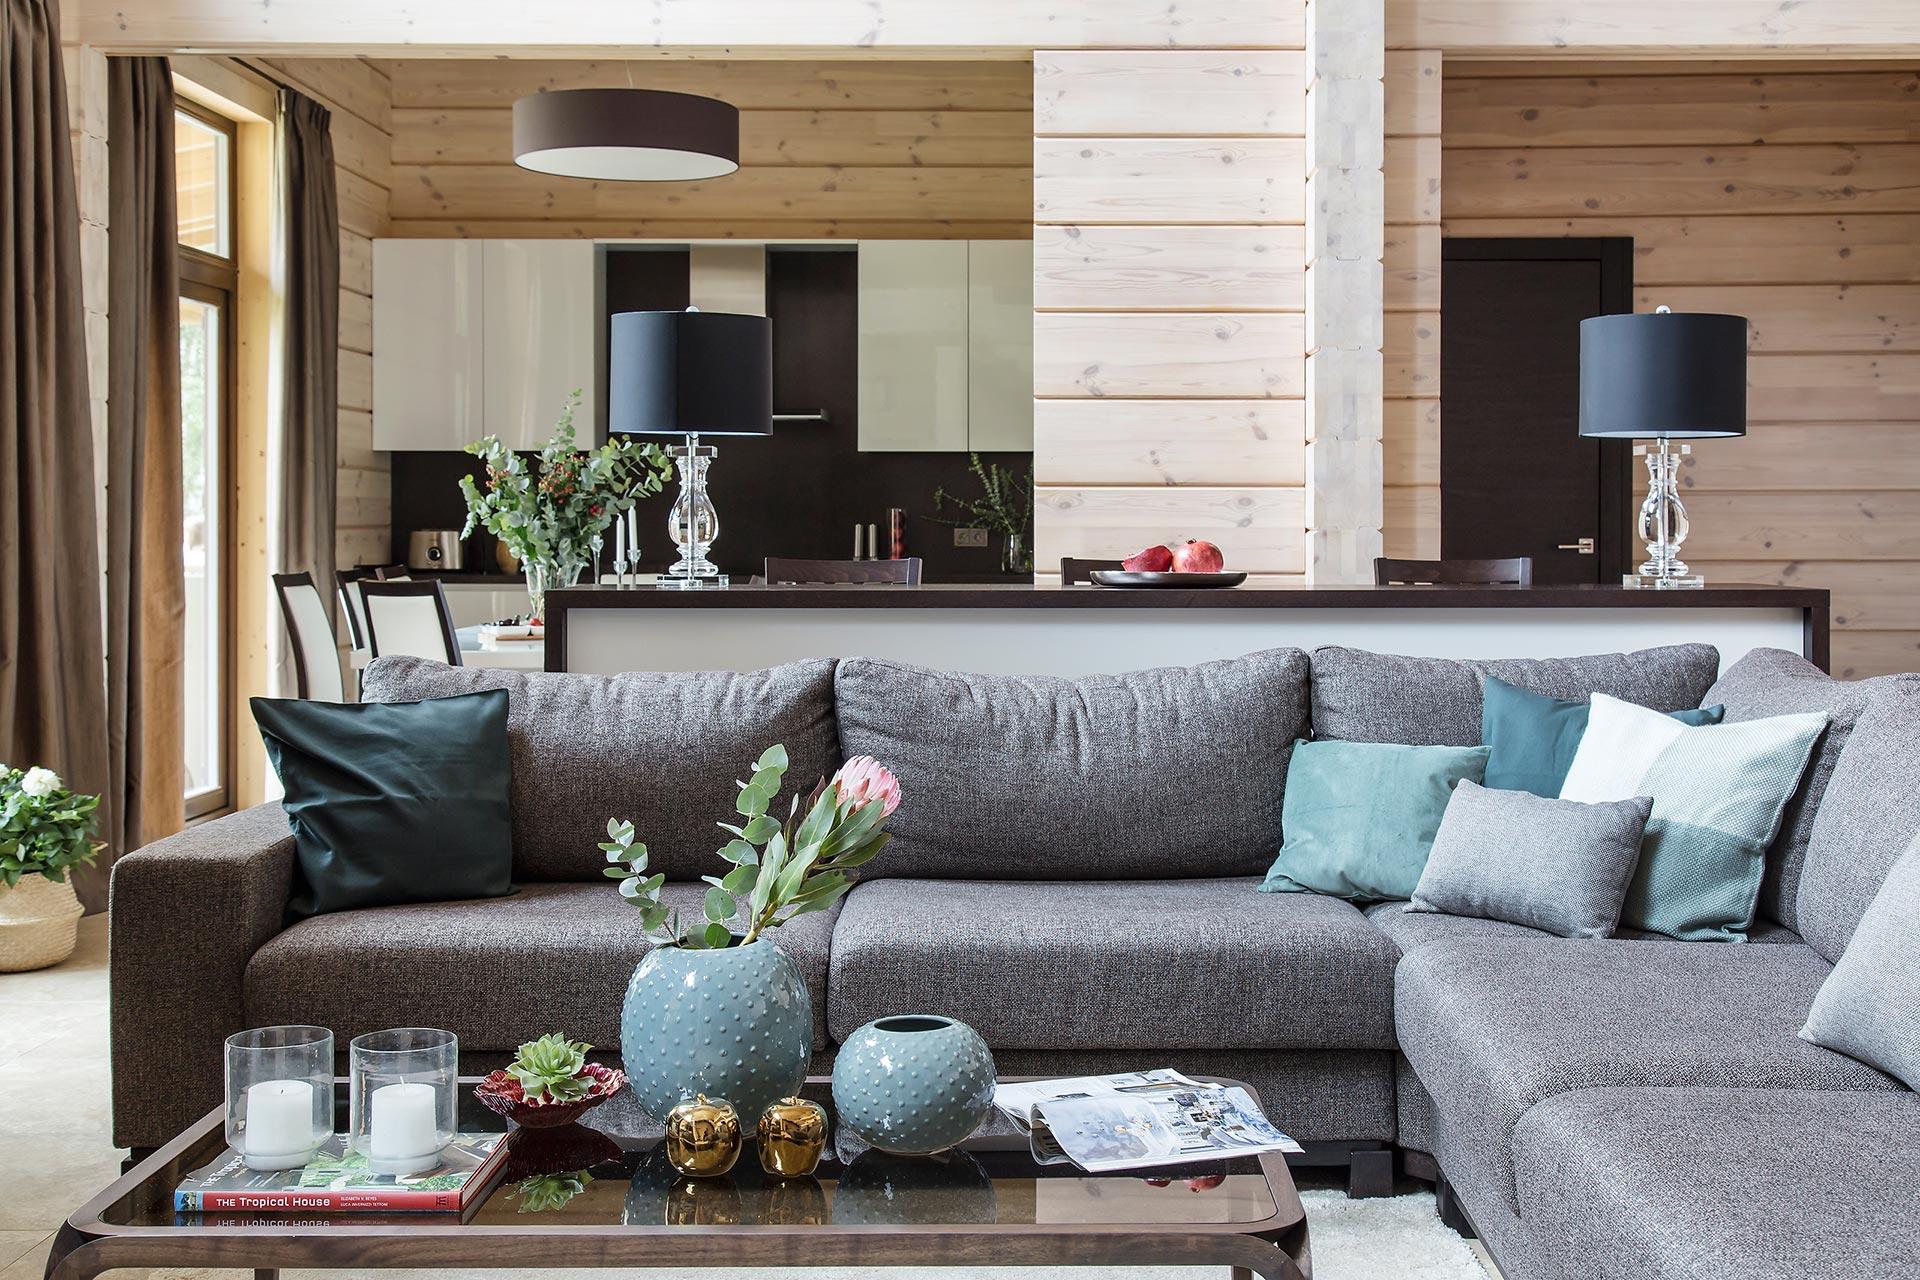 Дизайн интерьера загородного дома в стиле минимализм